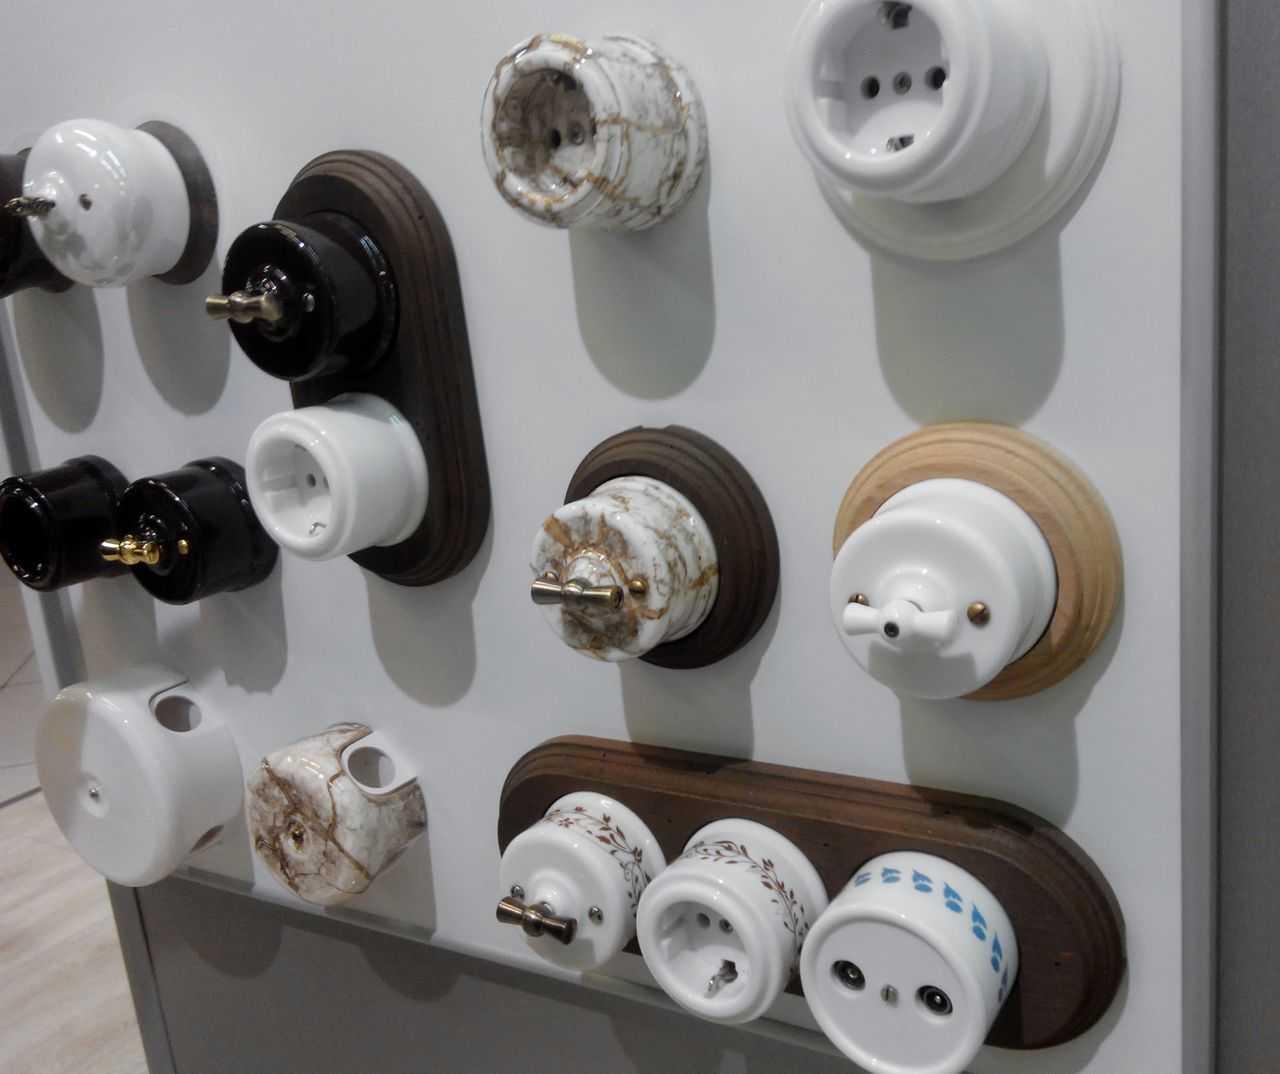 Устанавливают розетки и выключатели на специальные подставки